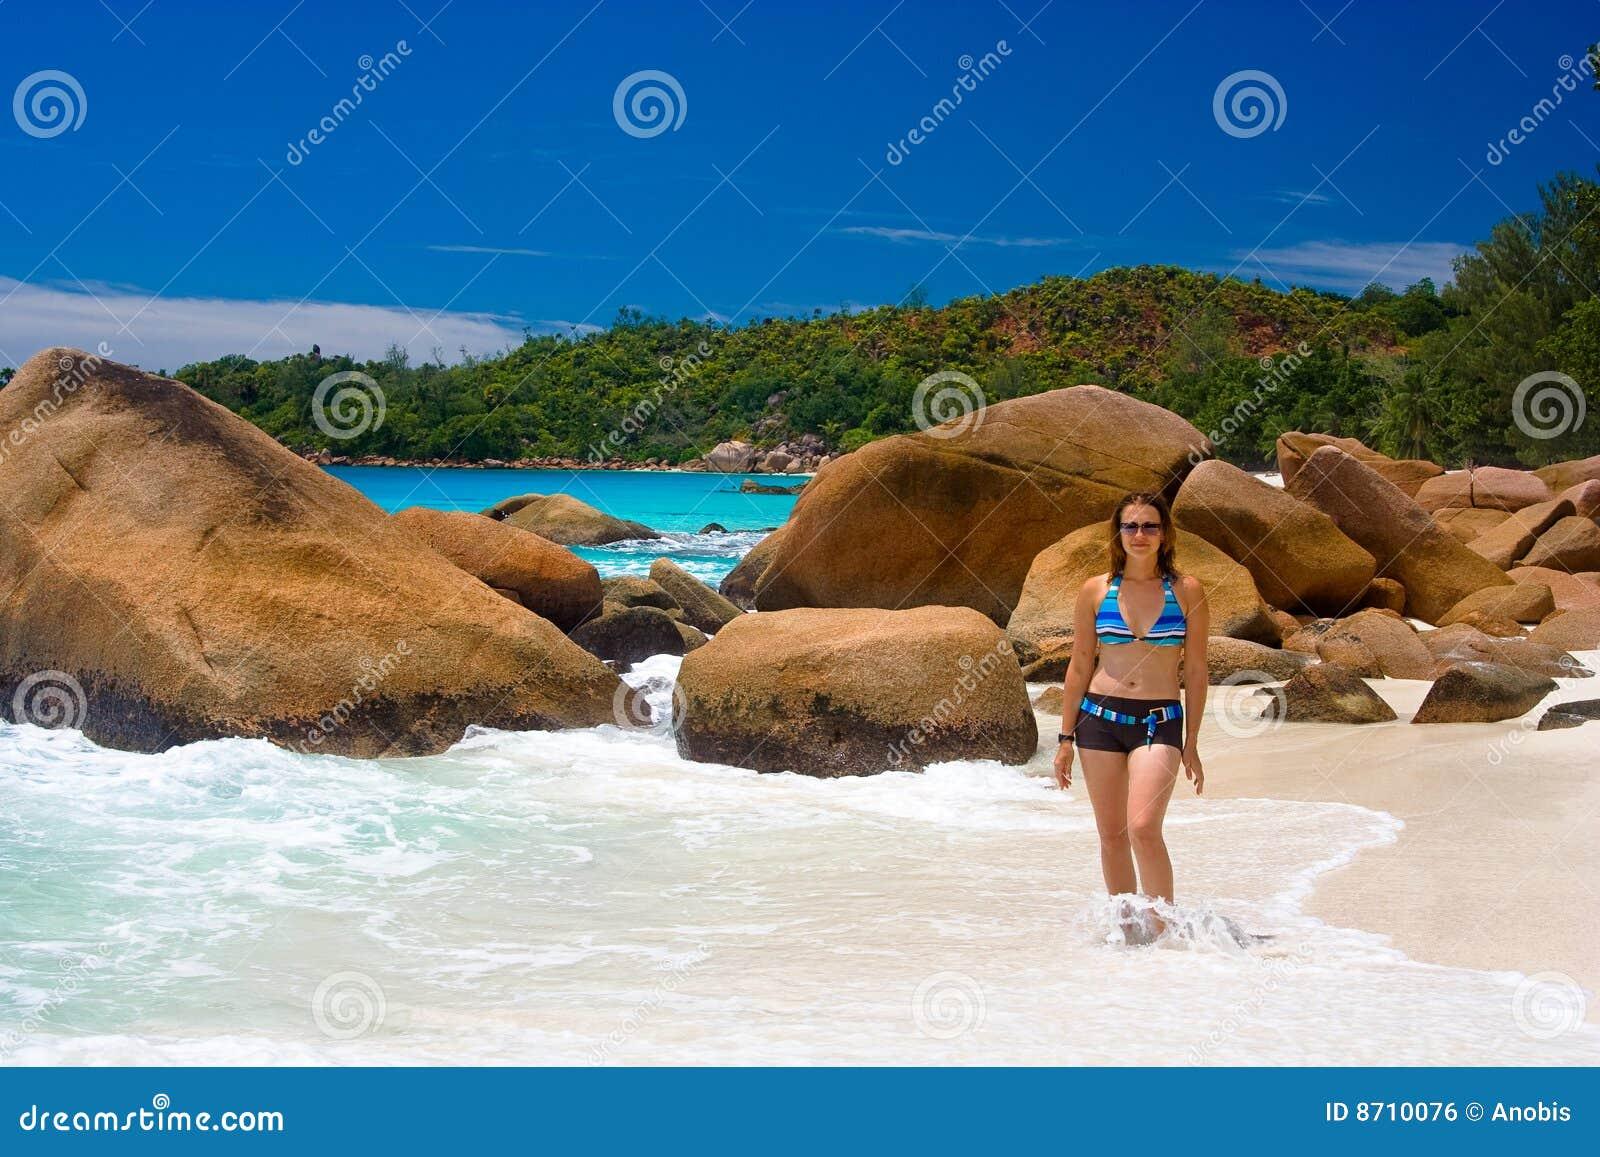 Anse beachs lanzio